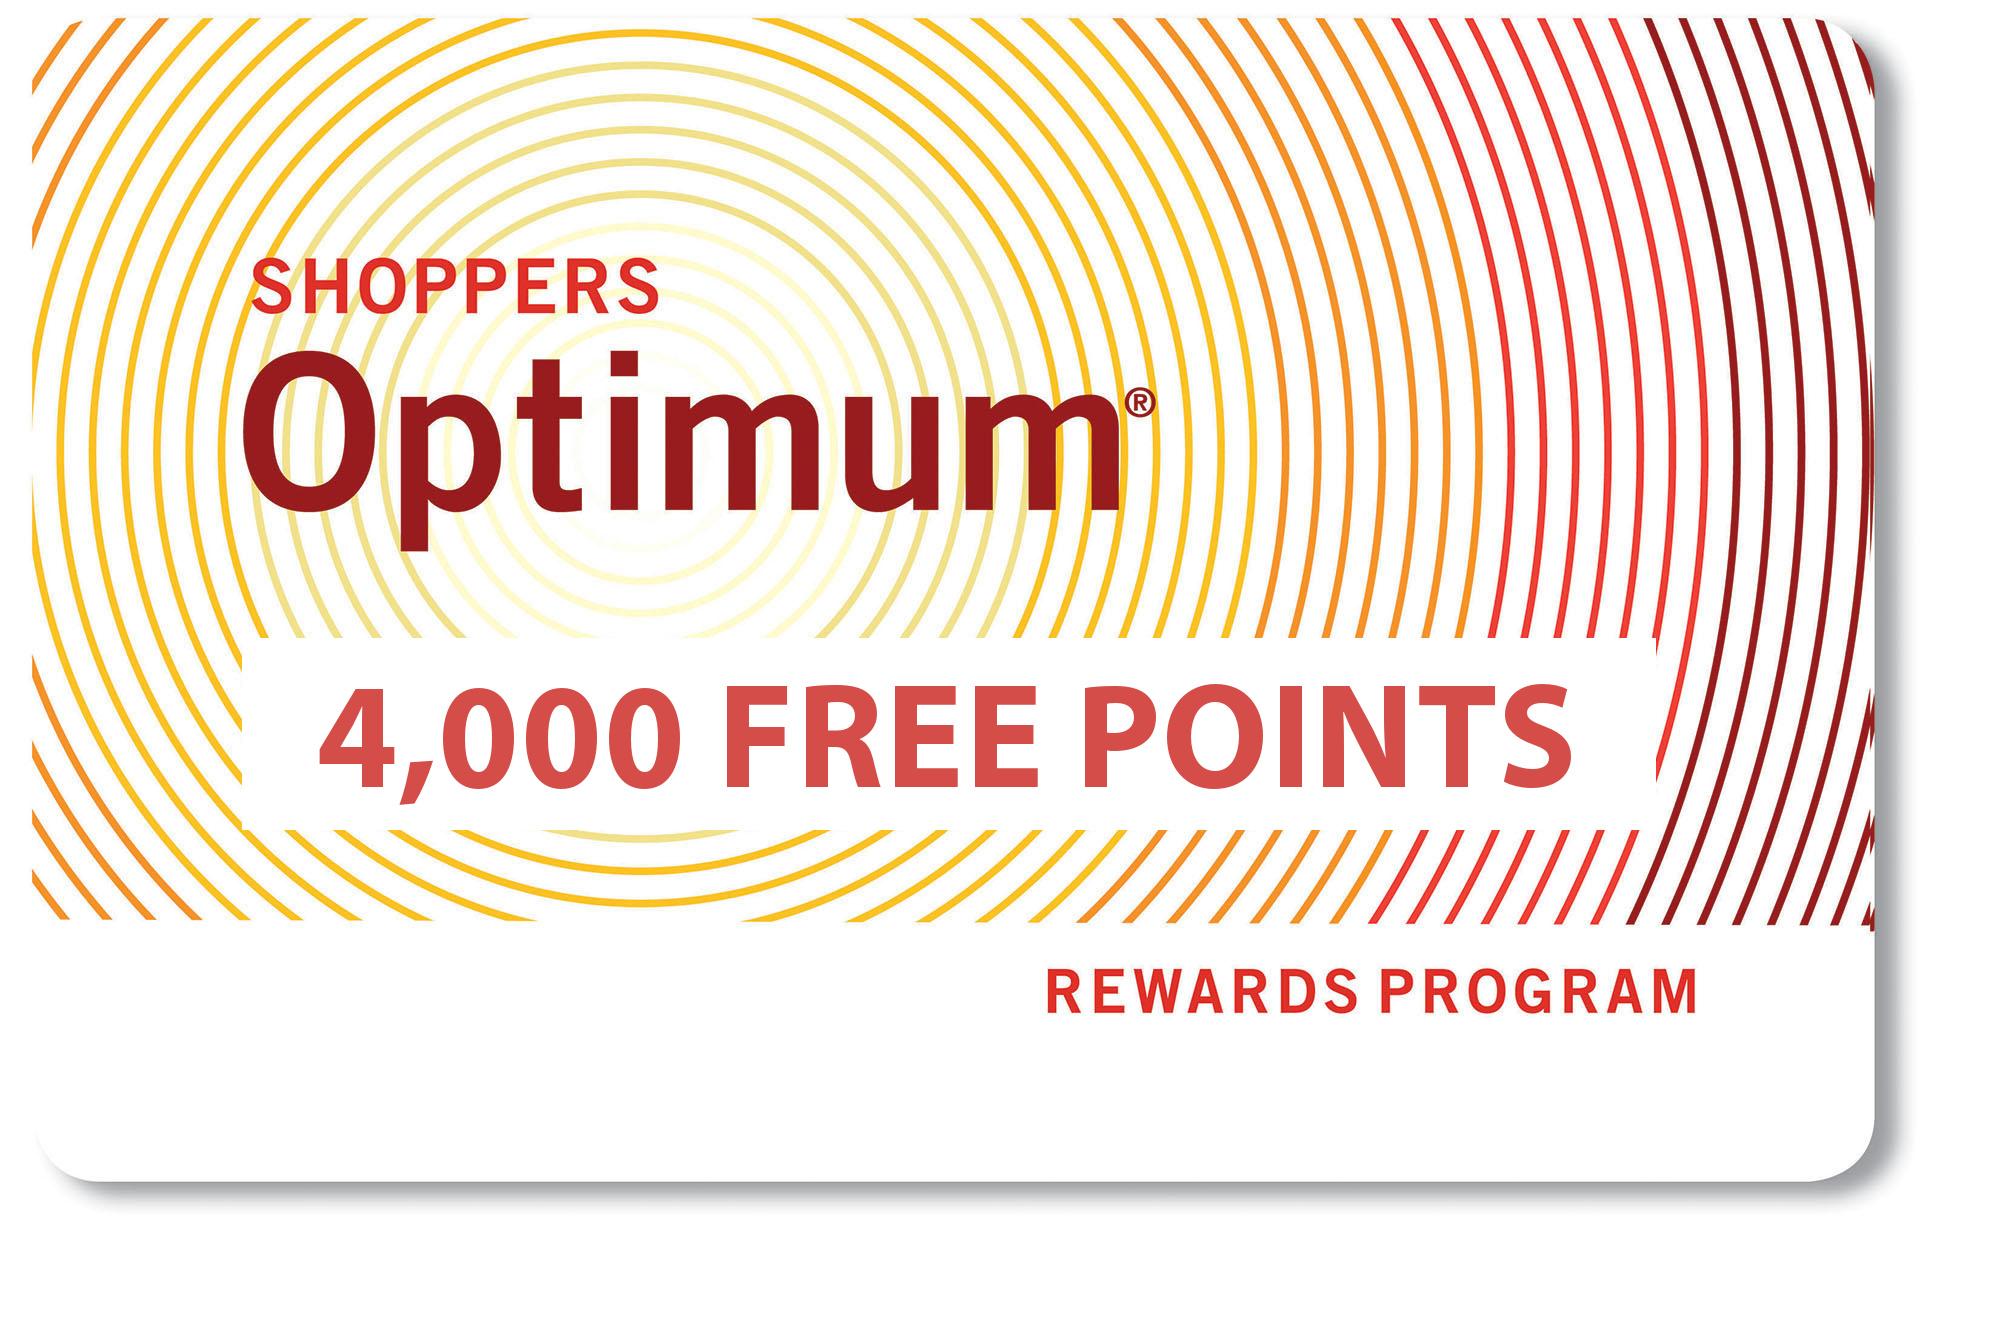 shoppers-optimum-points